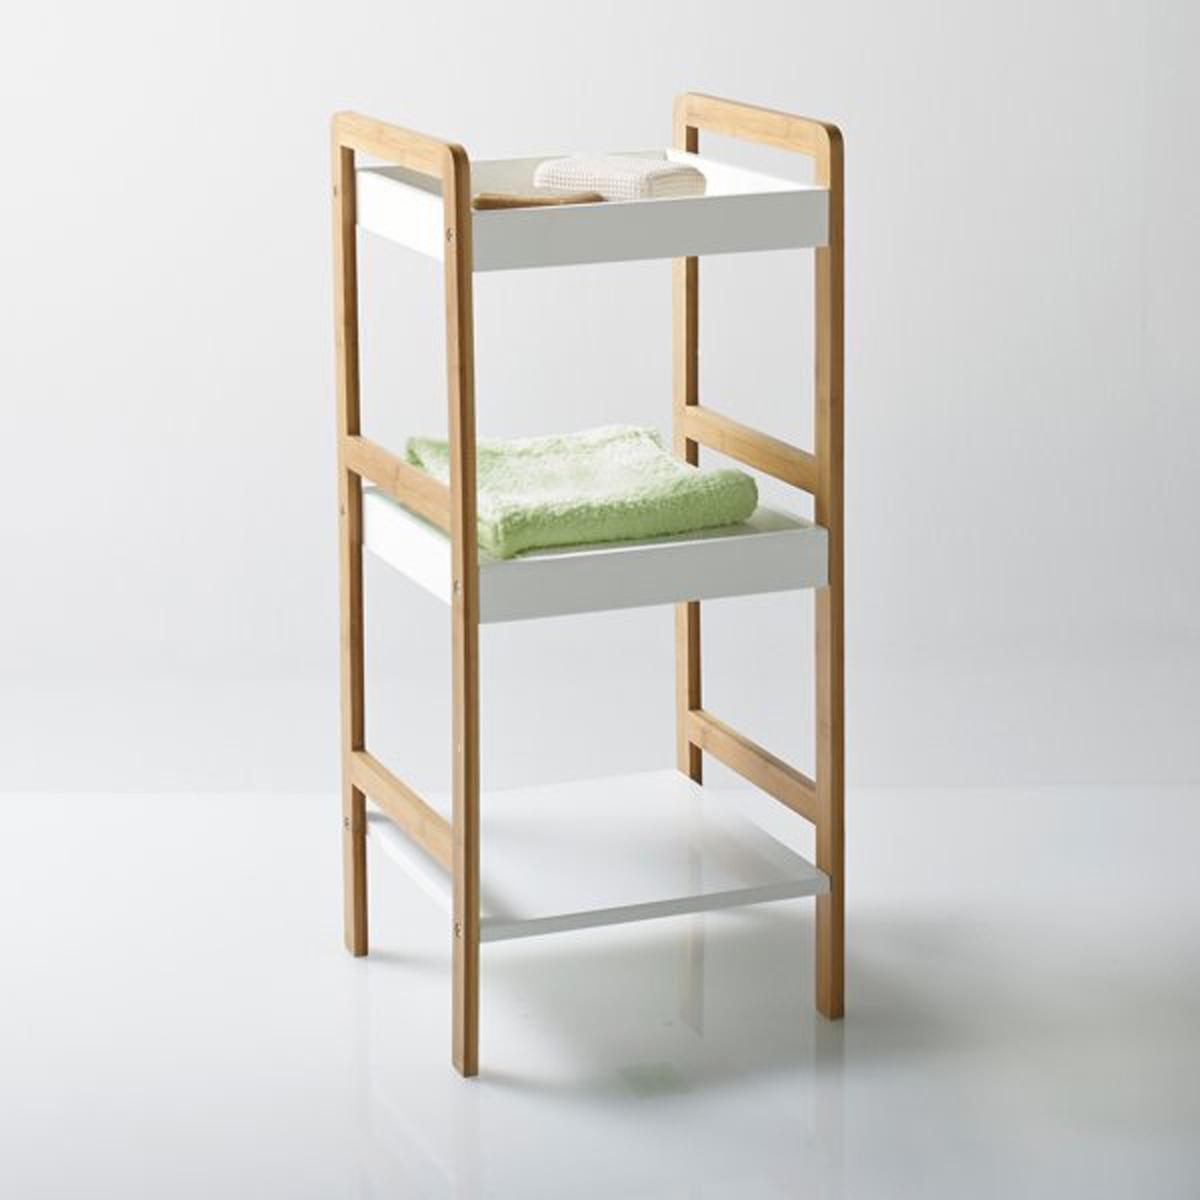 Этажерка для ванной, 3 полки, LindusЭтажерка для ванной из бамбука с 3 полками, Lindus. Сочетание натурального бамбука и покрытого белой краской дерева придаст стиль вашей ванной комнате. Характеристики этажерки для ванной с 3 полками Lindus:Опора из натурального бамбука, покрытого лаком.Полки из покрашенного МДФ, покрытого нитроцеллюлозным лаком.Откройте для себя всю коллекцию Lindus на сайте laredoute.ru.Размеры этажерки для ванной с 3 полками Lindus:Общие размеры:Длина: 36 смВысота: 110 смГлубина: 33 смПолезные размеры:Размер полки: 33 x 33 x 50 см  Размеры и вес упаковки:1 упаковка114,5 x 38 x 13,6 см, 8 кг :.  !! .<br><br>Цвет: белый